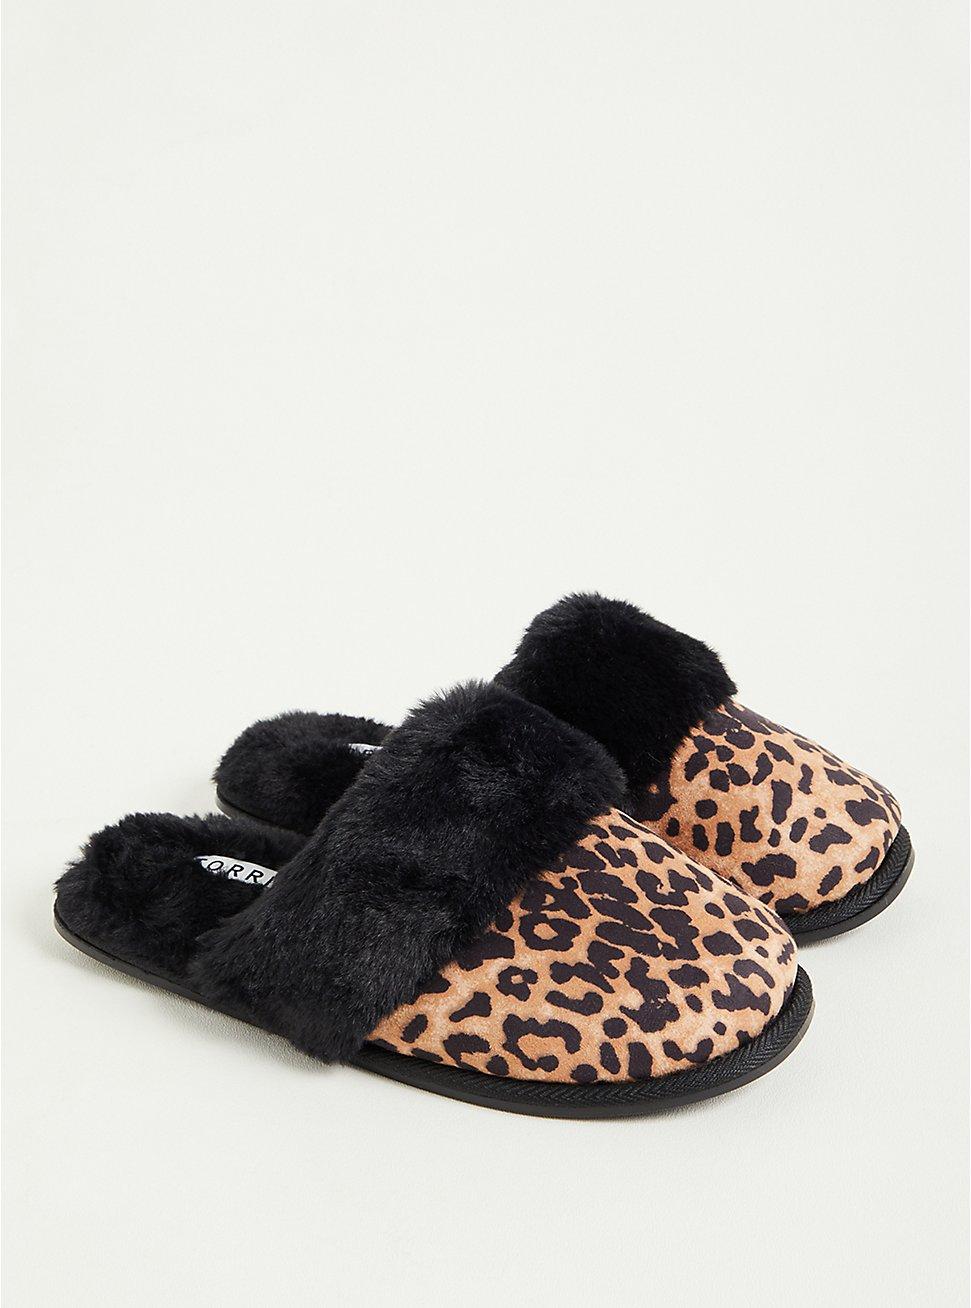 Plus Size Slipper - Faux Suede Leopard (WW), LEOPARD, hi-res